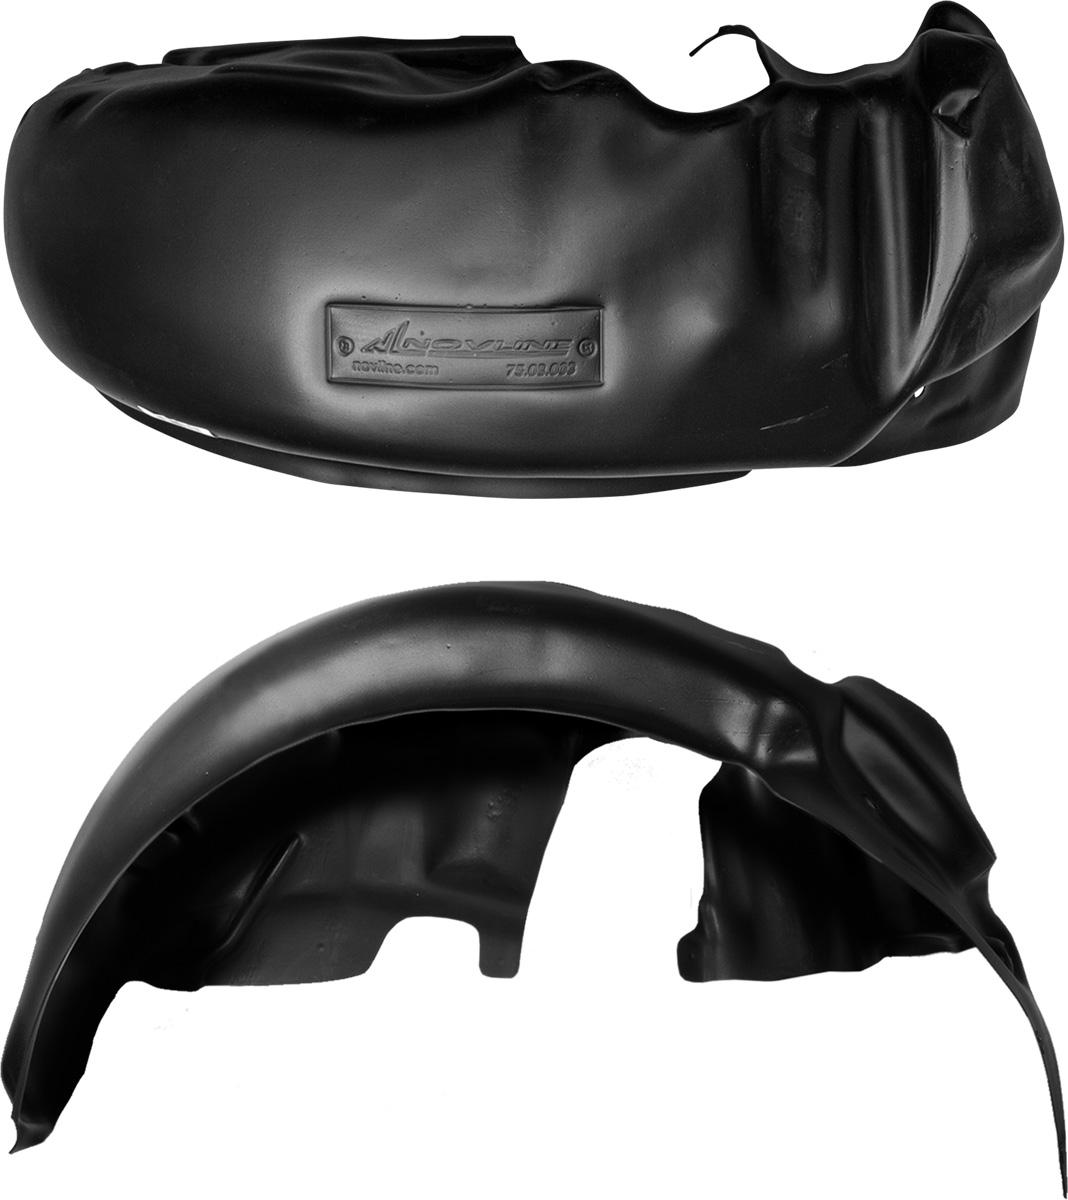 Подкрылок Novline-Autofamily, для Mitsubishi L200, 2007, 2010-> с расширителями арок, передний левыйNLL.35.15.001Колесные ниши - одни из самых уязвимых зон днища вашего автомобиля. Они постоянно подвергаются воздействию со стороны дороги. Лучшая, почти абсолютная защита для них - специально отформованные пластиковые кожухи, которые называются подкрылками. Производятся они как для отечественных моделей автомобилей, так и для иномарок. Подкрылки Novline-Autofamily выполнены из высококачественного, экологически чистого пластика. Обеспечивают надежную защиту кузова автомобиля от пескоструйного эффекта и негативного влияния, агрессивных антигололедных реагентов. Пластик обладает более низкой теплопроводностью, чем металл, поэтому в зимний период эксплуатации использование пластиковых подкрылков позволяет лучше защитить колесные ниши от налипания снега и образования наледи. Оригинальность конструкции подчеркивает элегантность автомобиля, бережно защищает нанесенное на днище кузова антикоррозийное покрытие и позволяет осуществить крепление подкрылков внутри колесной арки практически без...